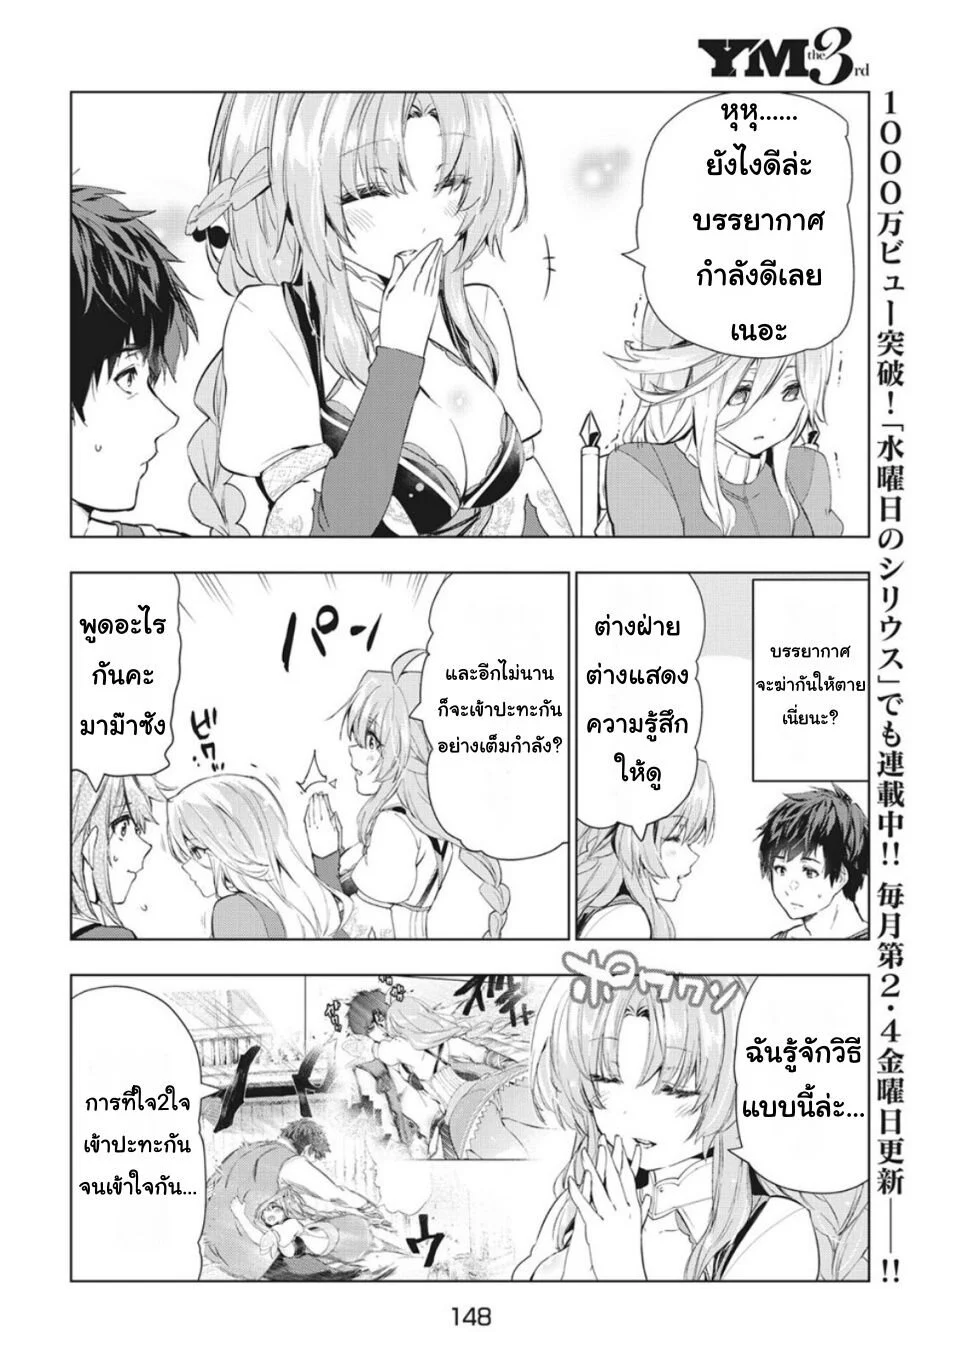 อ่านการ์ตูน Kaiko sareta Ankoku Heishi (30-dai) no Slow na Second ตอนที่ 19 หน้าที่ 13